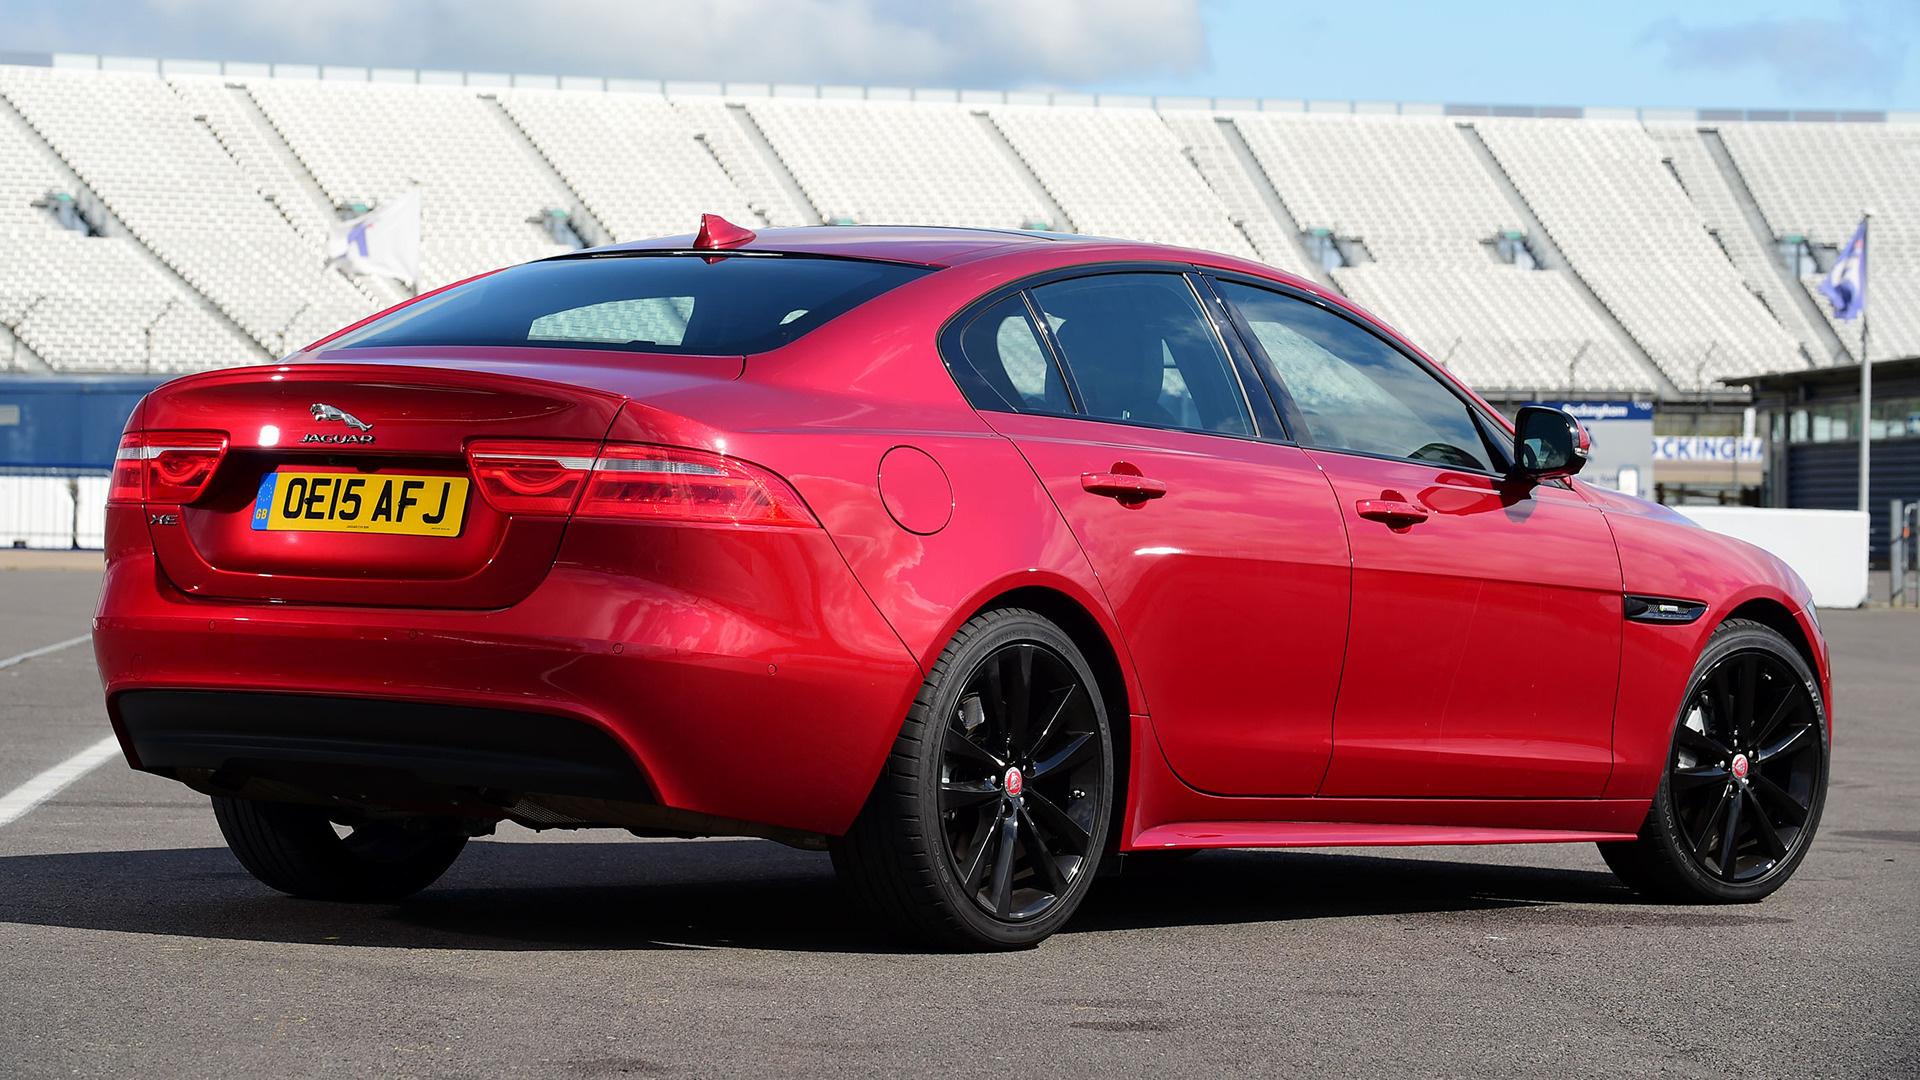 jaguar xe r sport 2015 uk wallpapers and hd images car. Black Bedroom Furniture Sets. Home Design Ideas